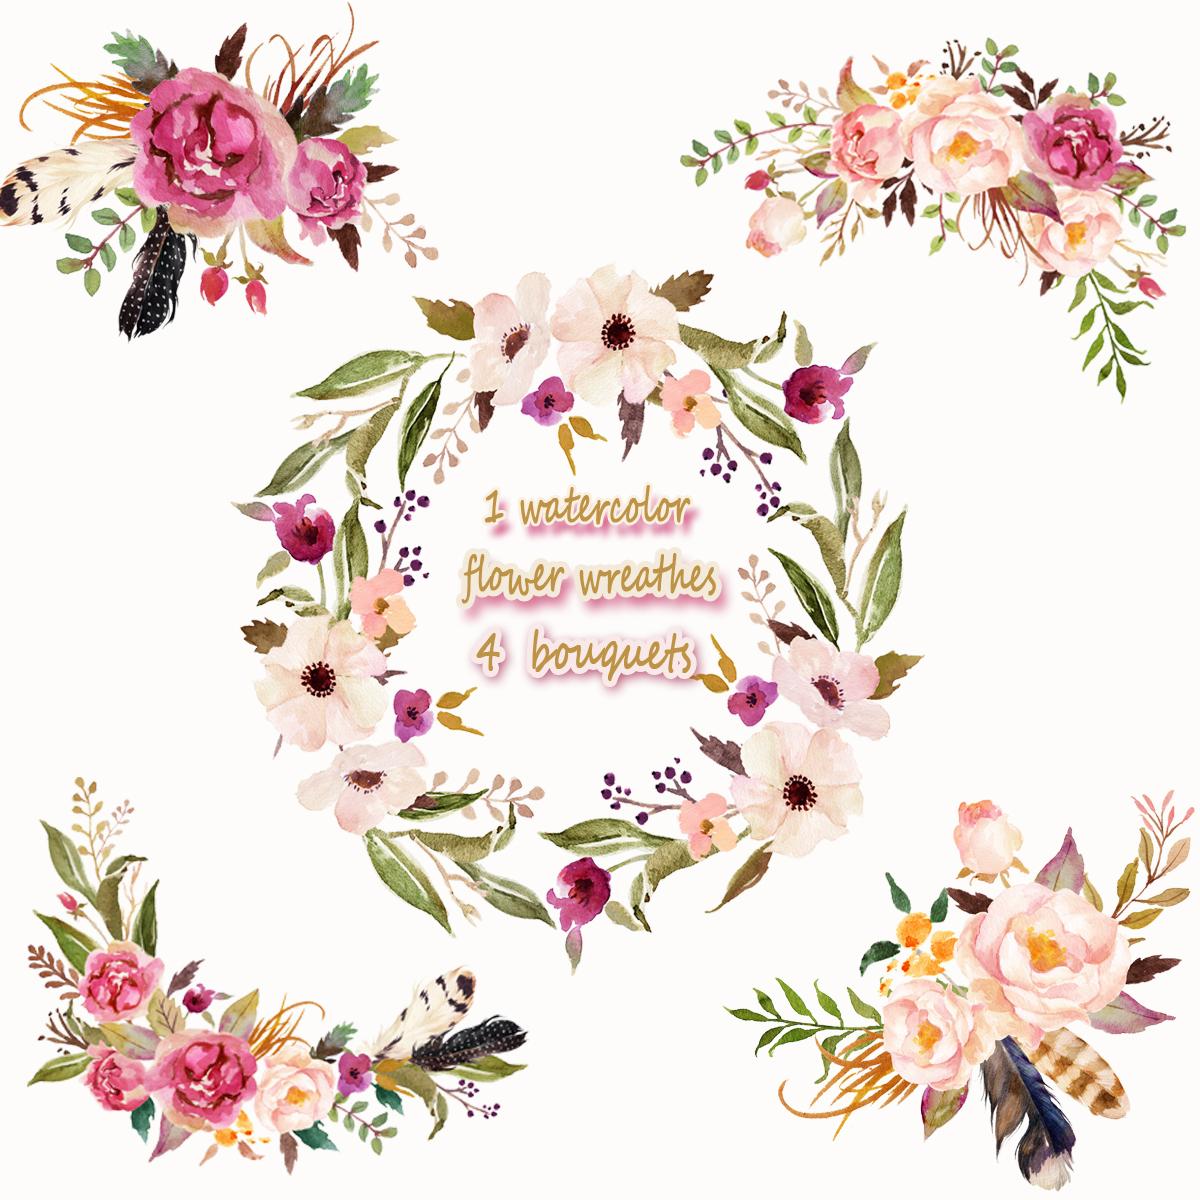 1 Watercolor Flower Wreathes&4 Flower Bouquets,Floral Frame PNG, Wedding  Bouquet, Arrangement, Bouquet, Digital Paper, Green Flowers, Bridal Shower,.